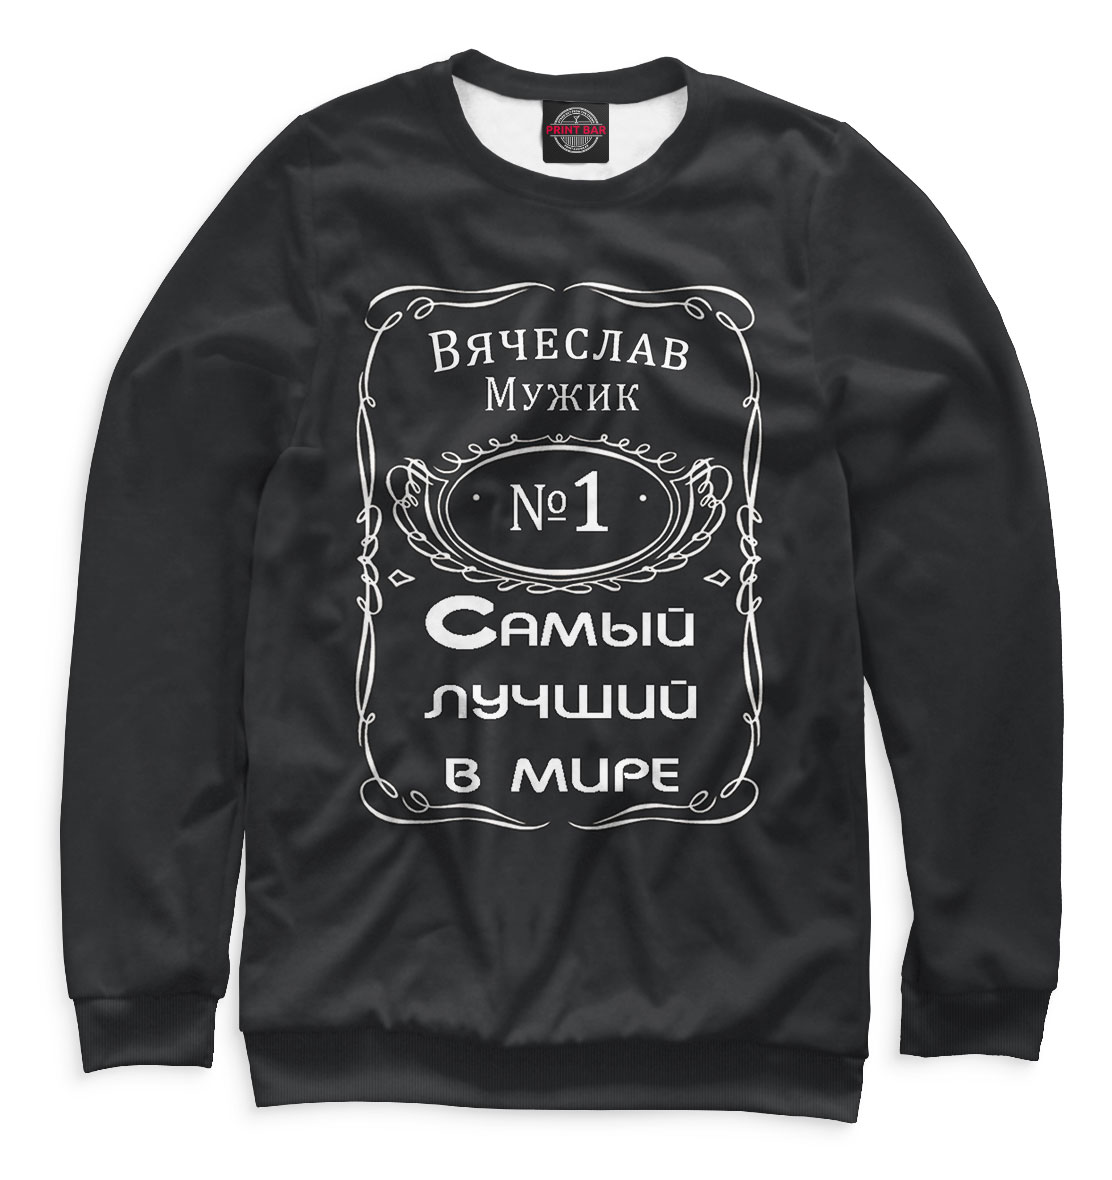 Купить Вячеслав — самый лучший в мире, Printbar, Свитшоты, IMR-817792-swi